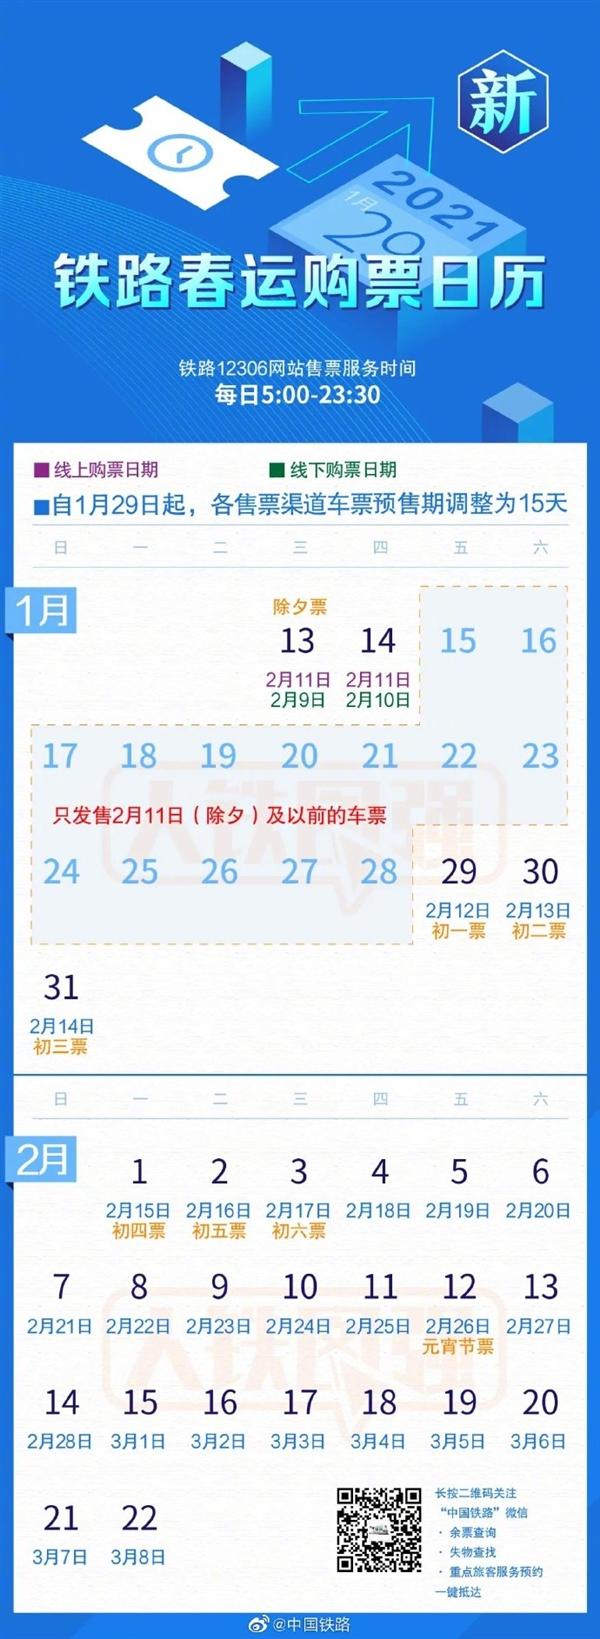 最新春运购票日历:铁路部门调整车票预售期为15天